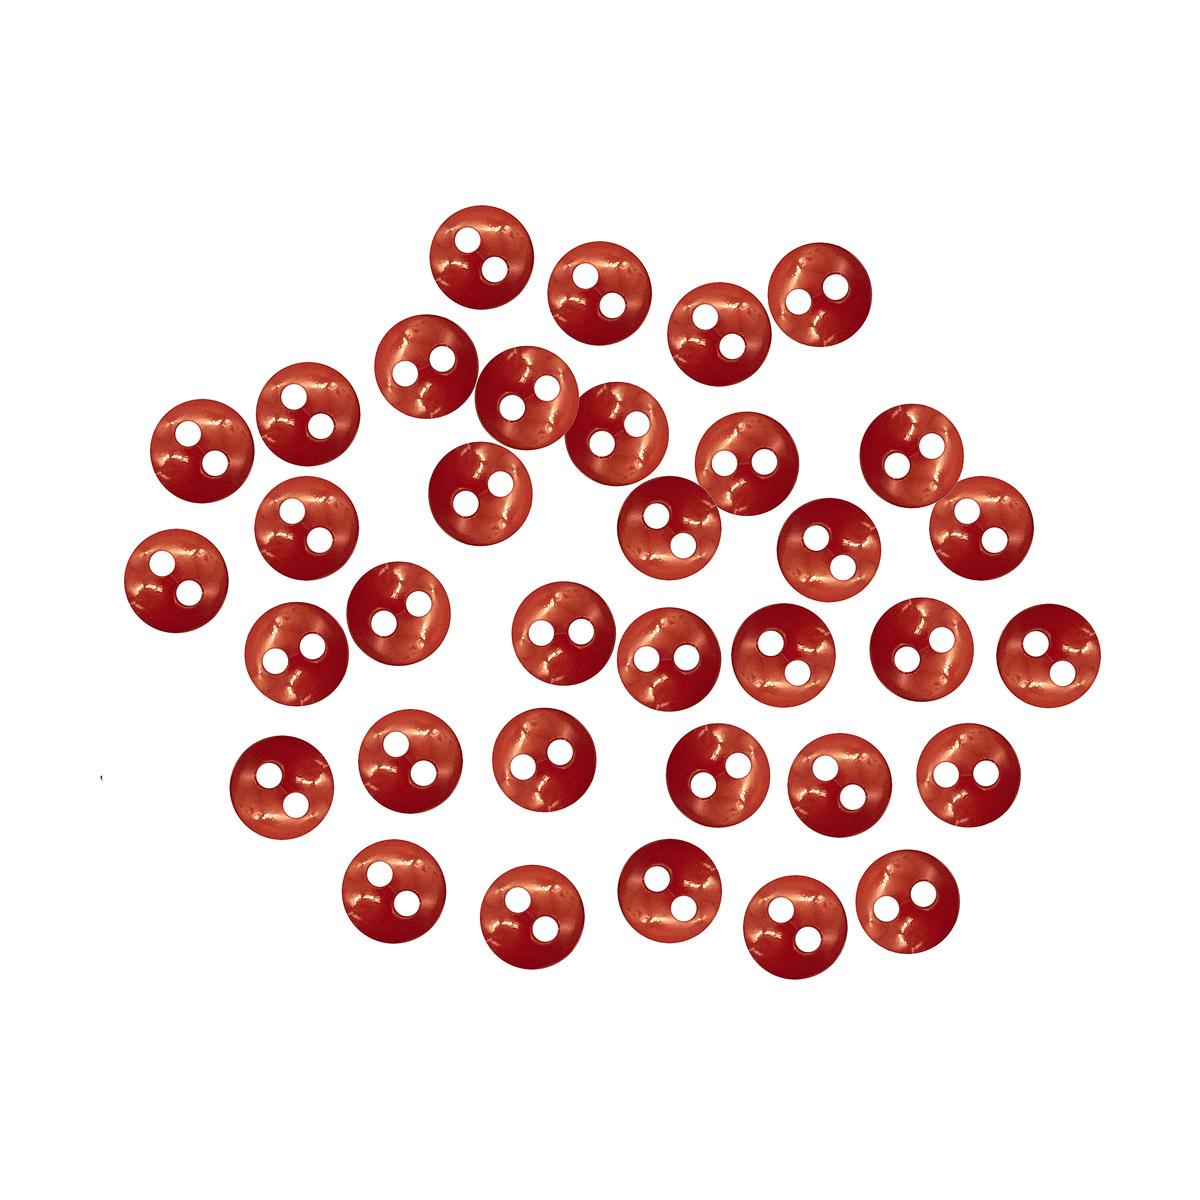 27379 Пуговицы 'Мини' на 2 прокола, 6мм, уп.50шт. +/- 2 шт. пластик, цв.красный